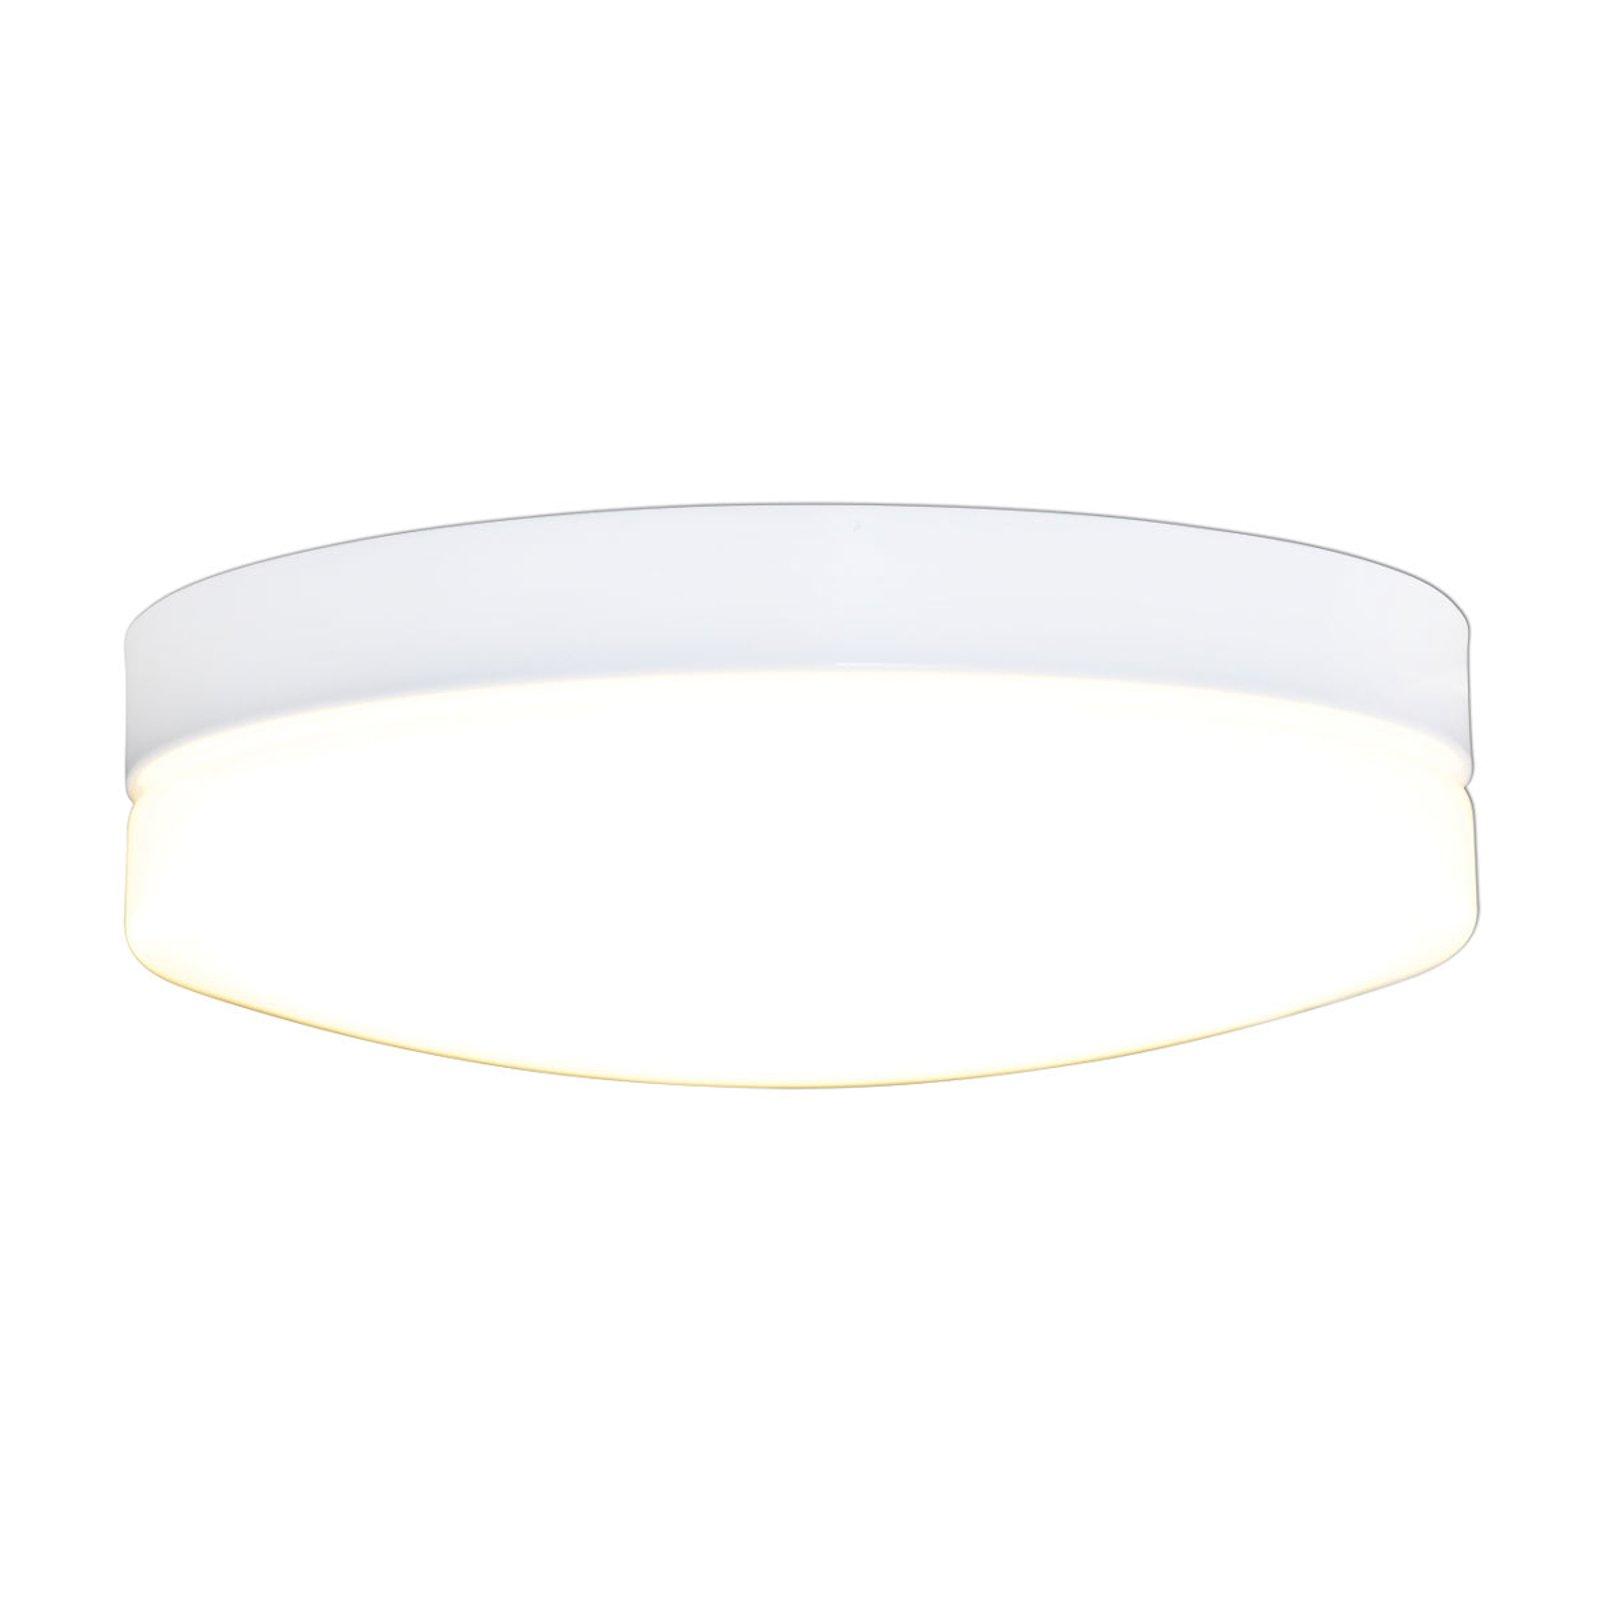 LED-taklampe Cool med fargeveksling